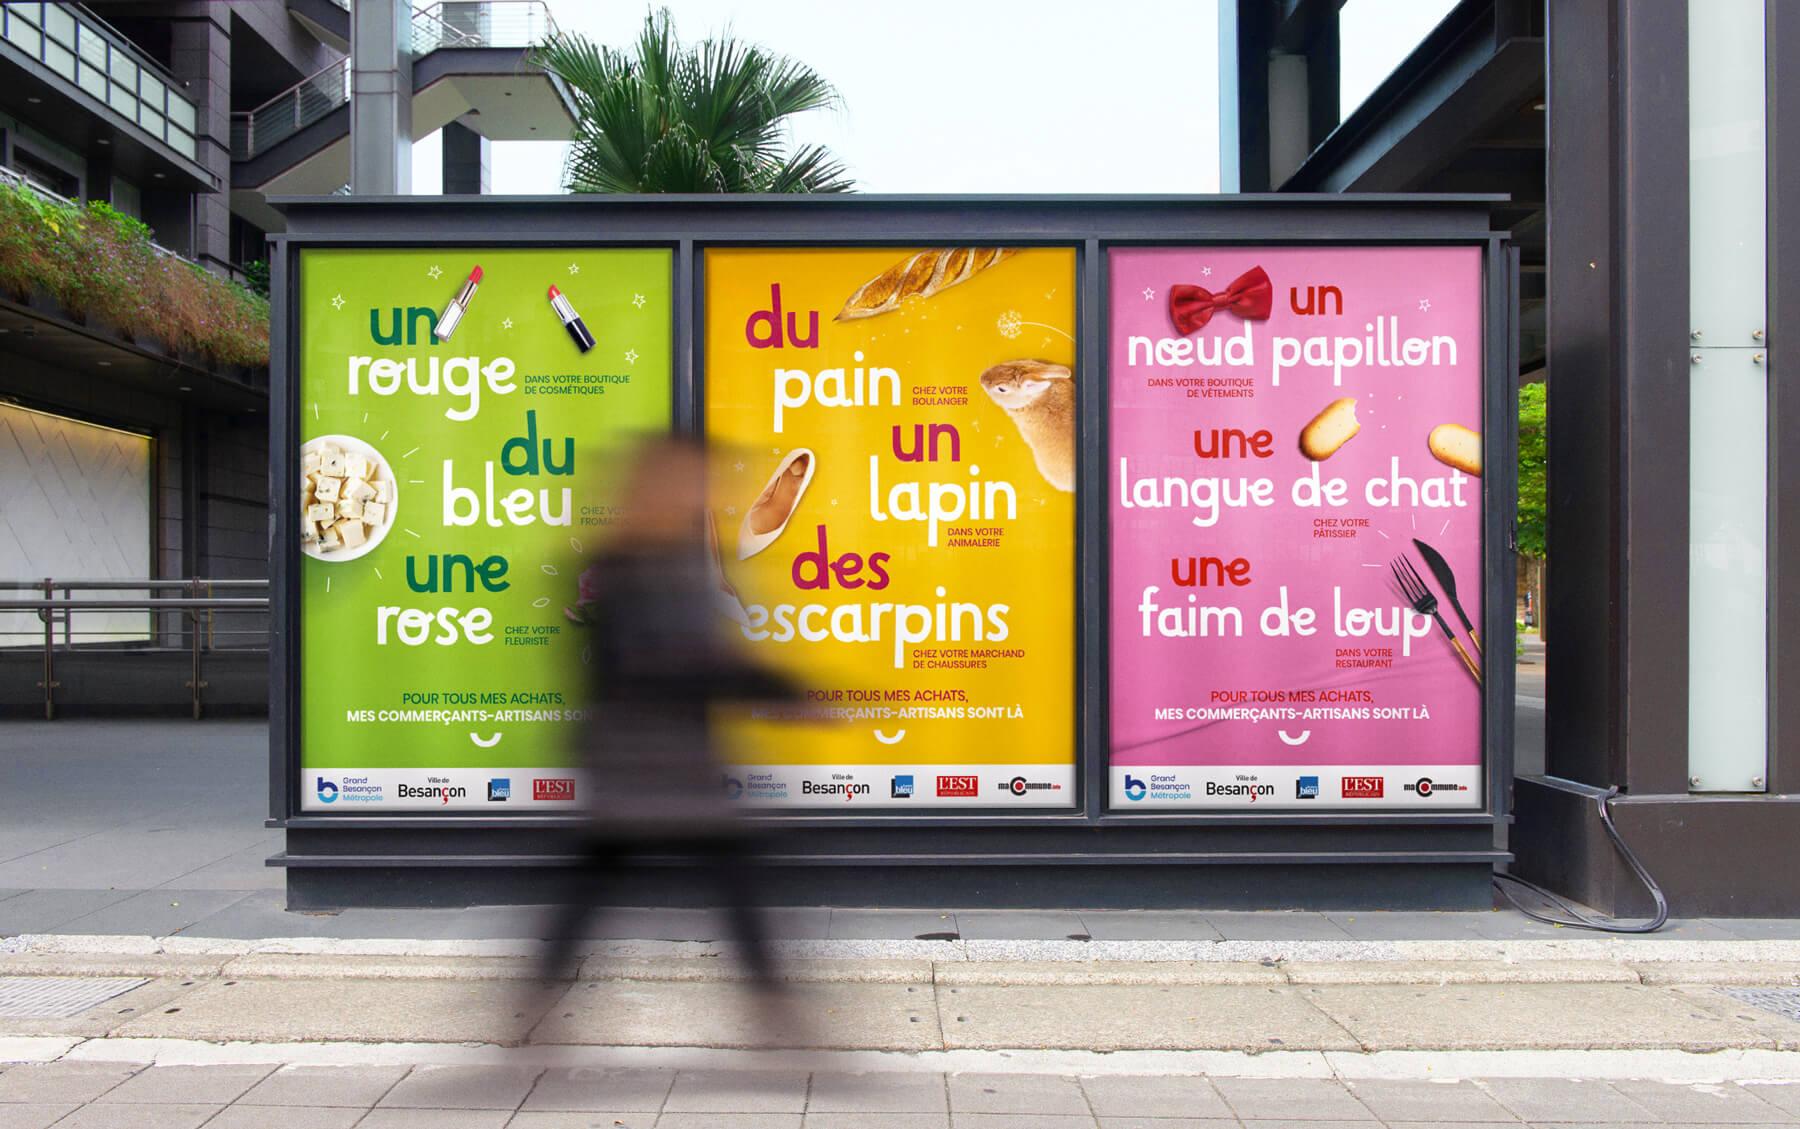 Campagne de communication pour sauver les commercants du Grand Besancon Metropole